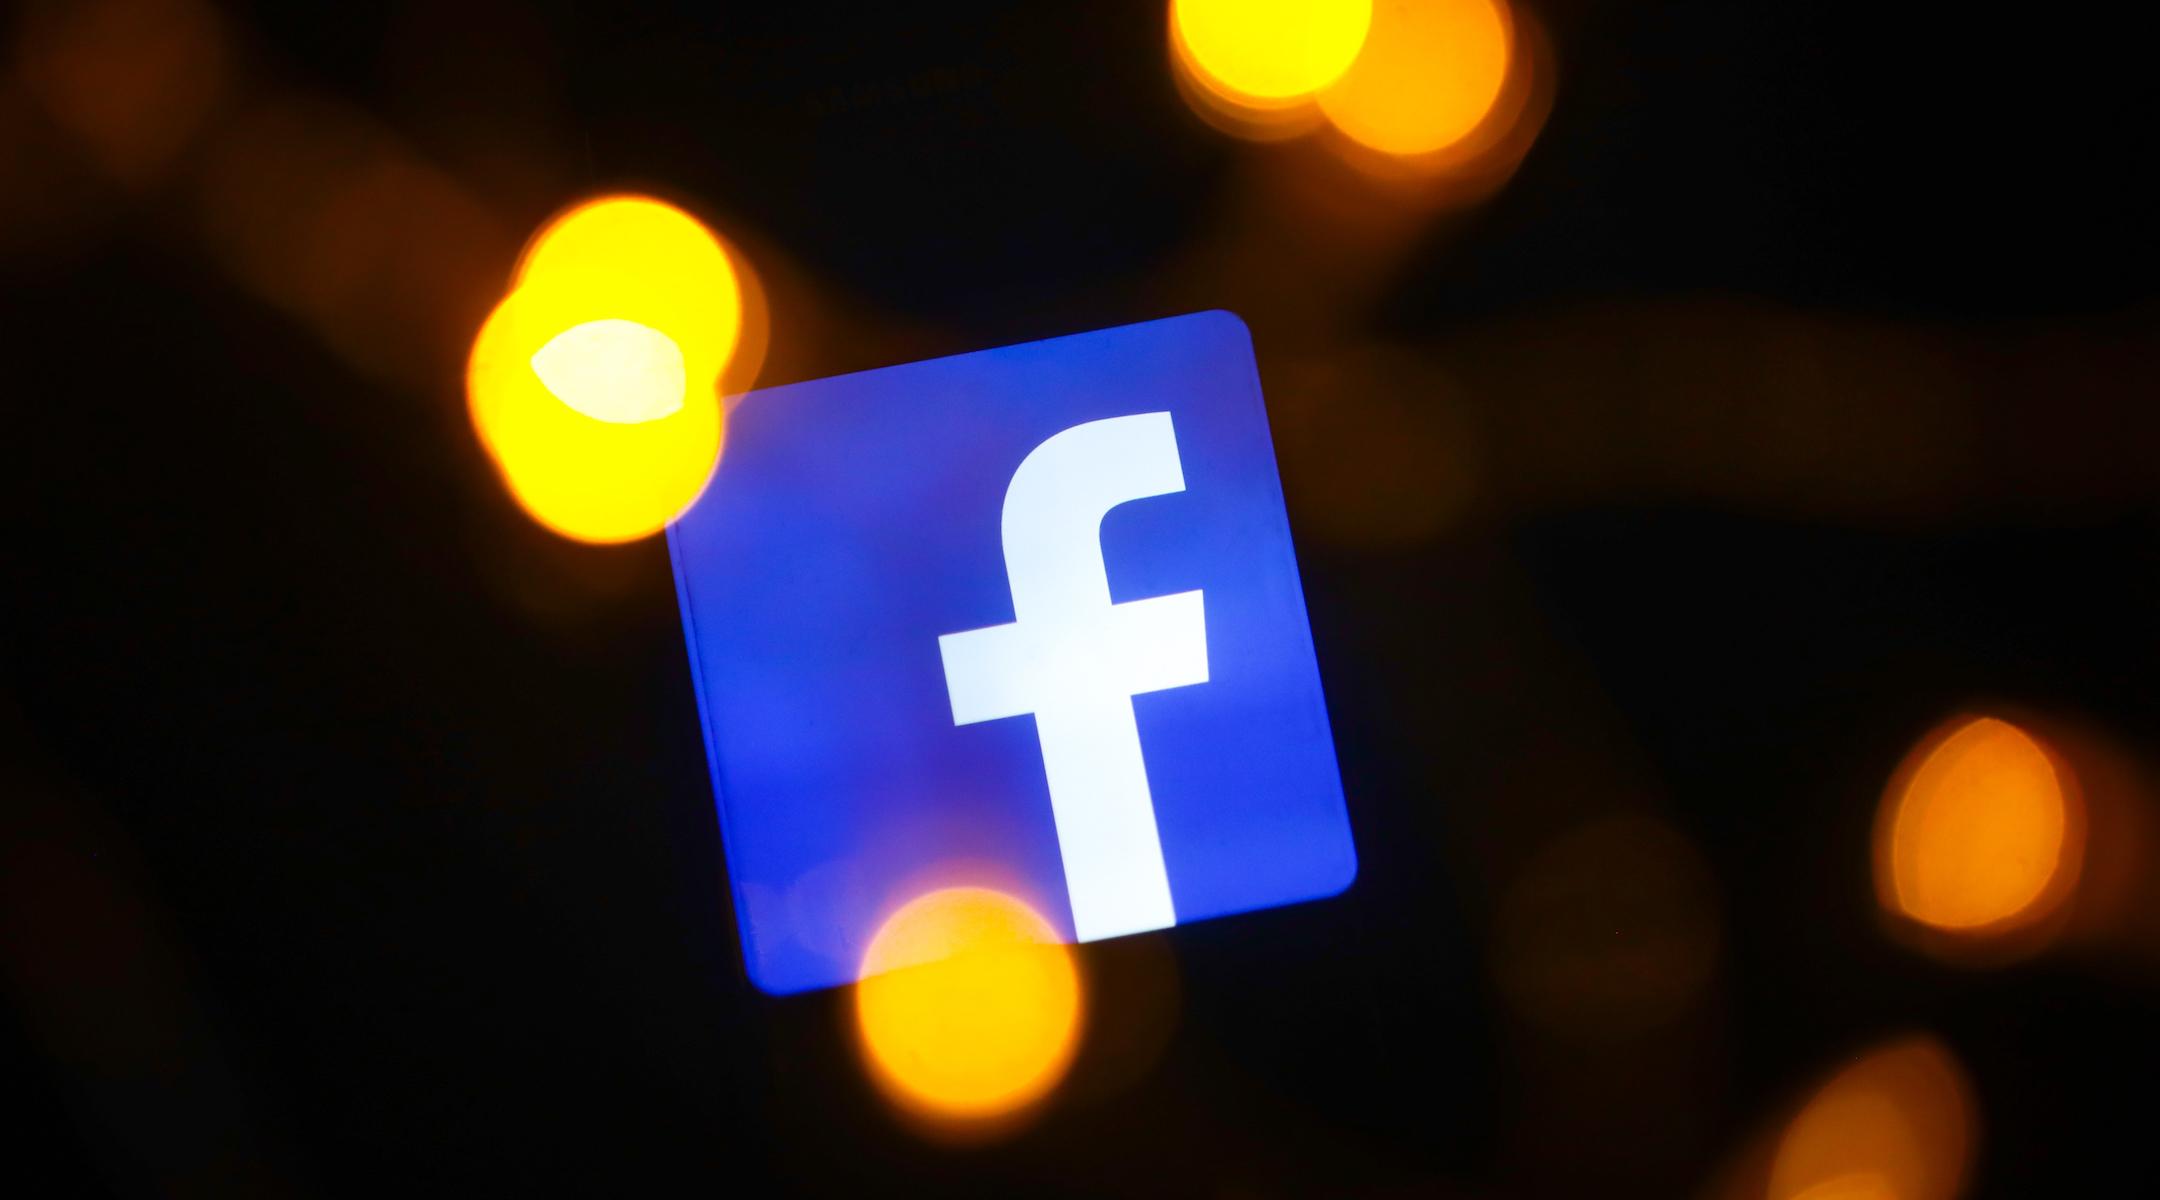 Facebook amplia sus esfuerzos para combatir la negación del Holocausto al dirigir a los usuarios a materiales educativos sobre el Holocausto en 12 idiomas